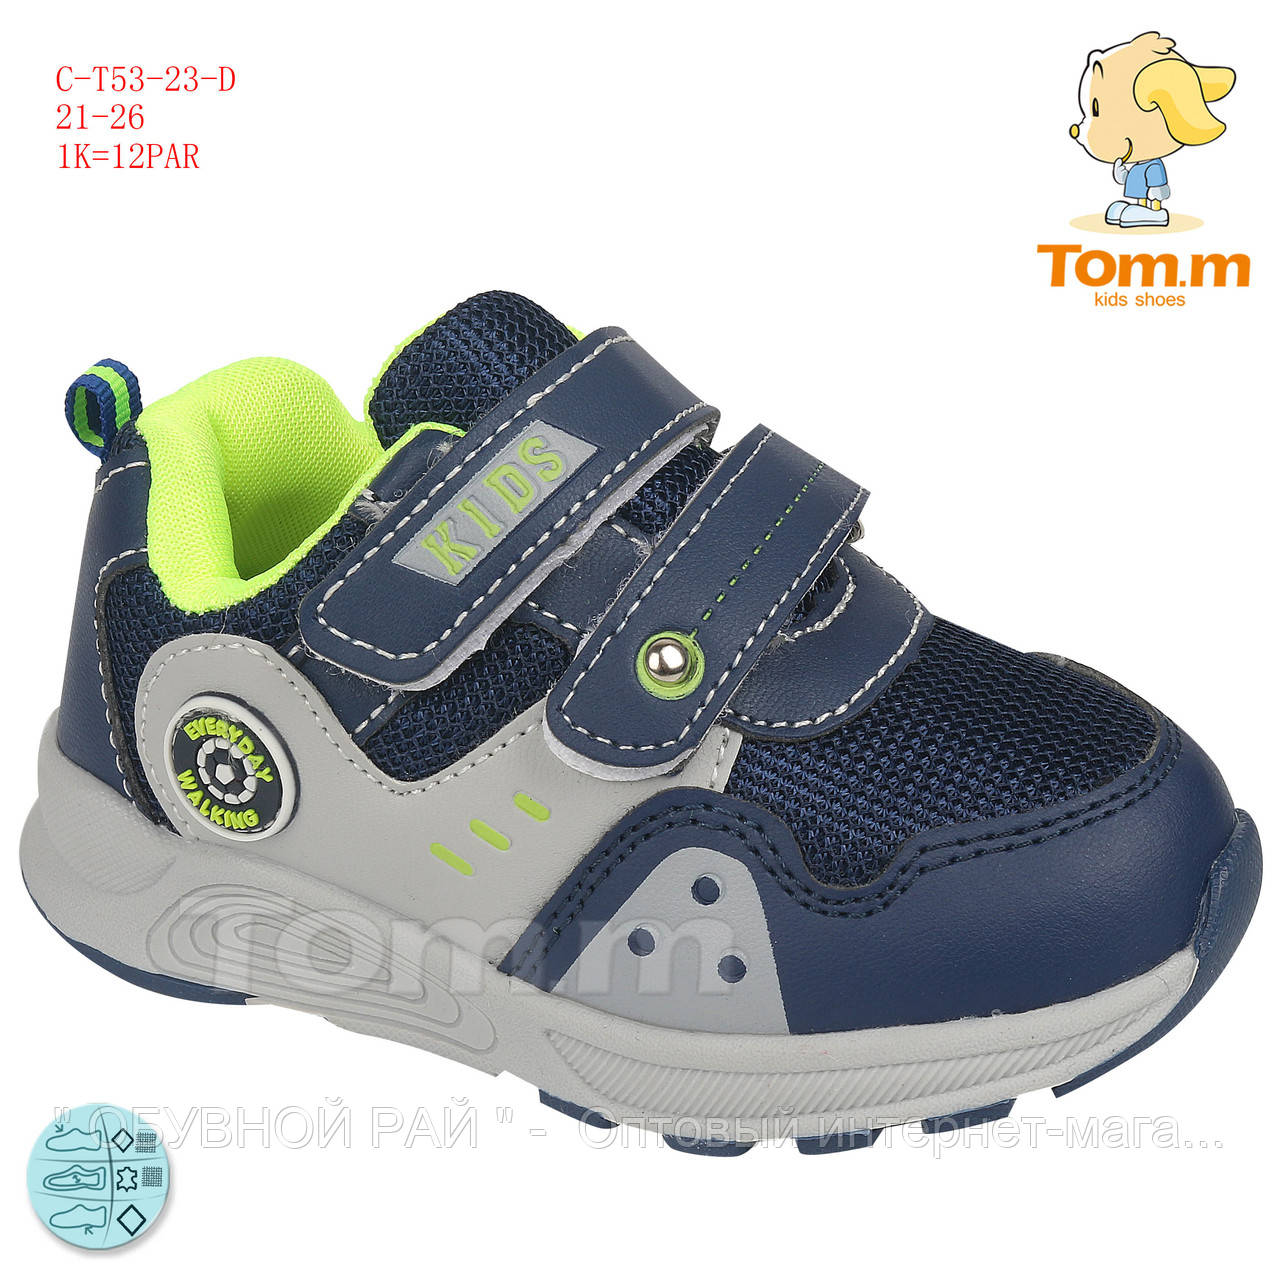 8b073f2d7 Детская обувь 2019. Детские кроссовки для мальчиков на липучке от ТМ. TOM.M